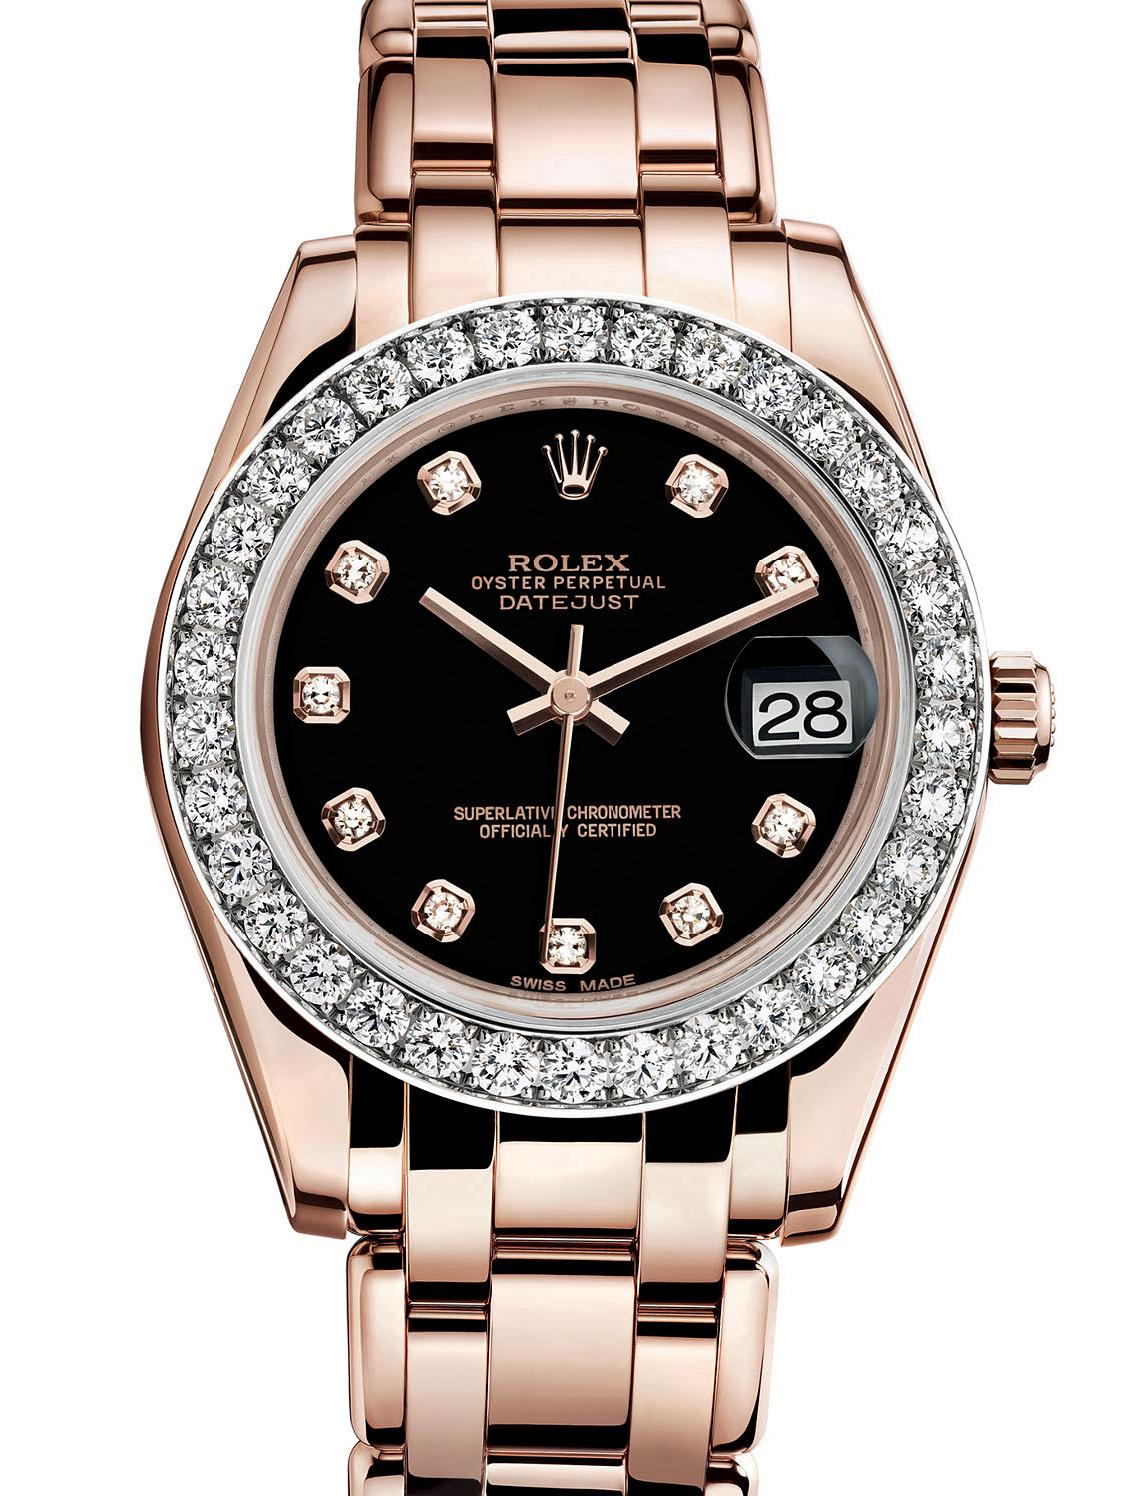 劳力士珍珠淑女型34玫瑰金钻圈黑面女表81285-0025